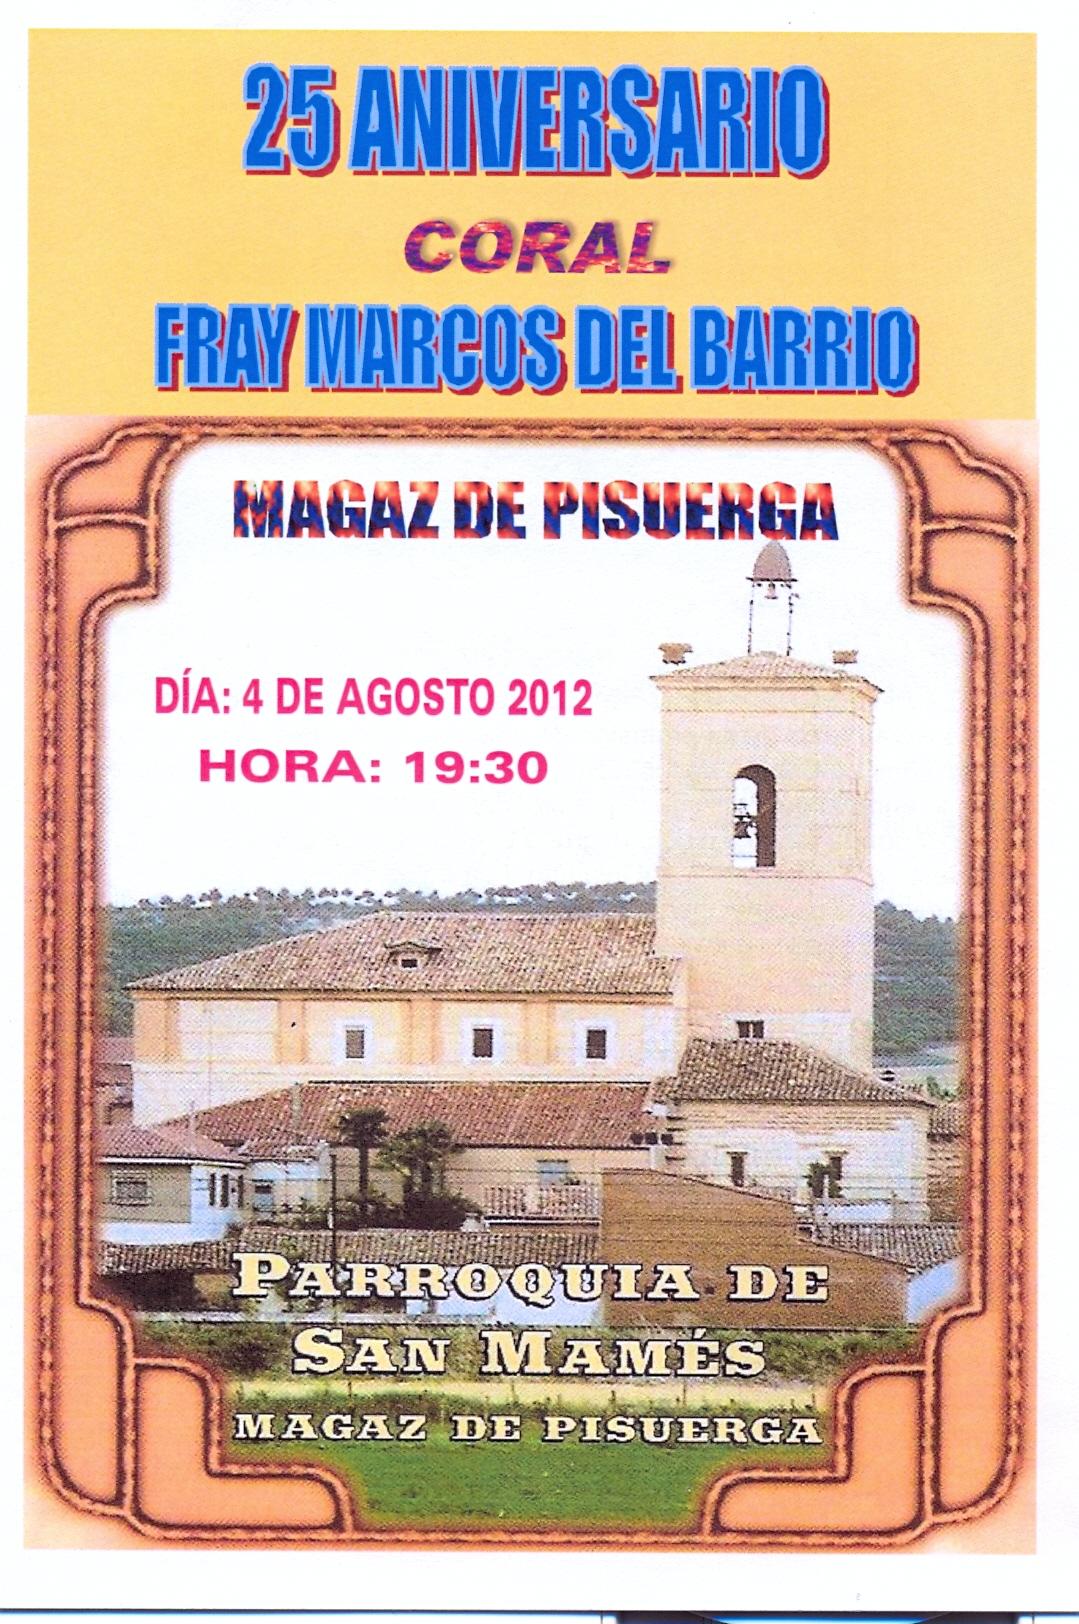 25 Aniversario Coral «Fray Marcos del Barrio»